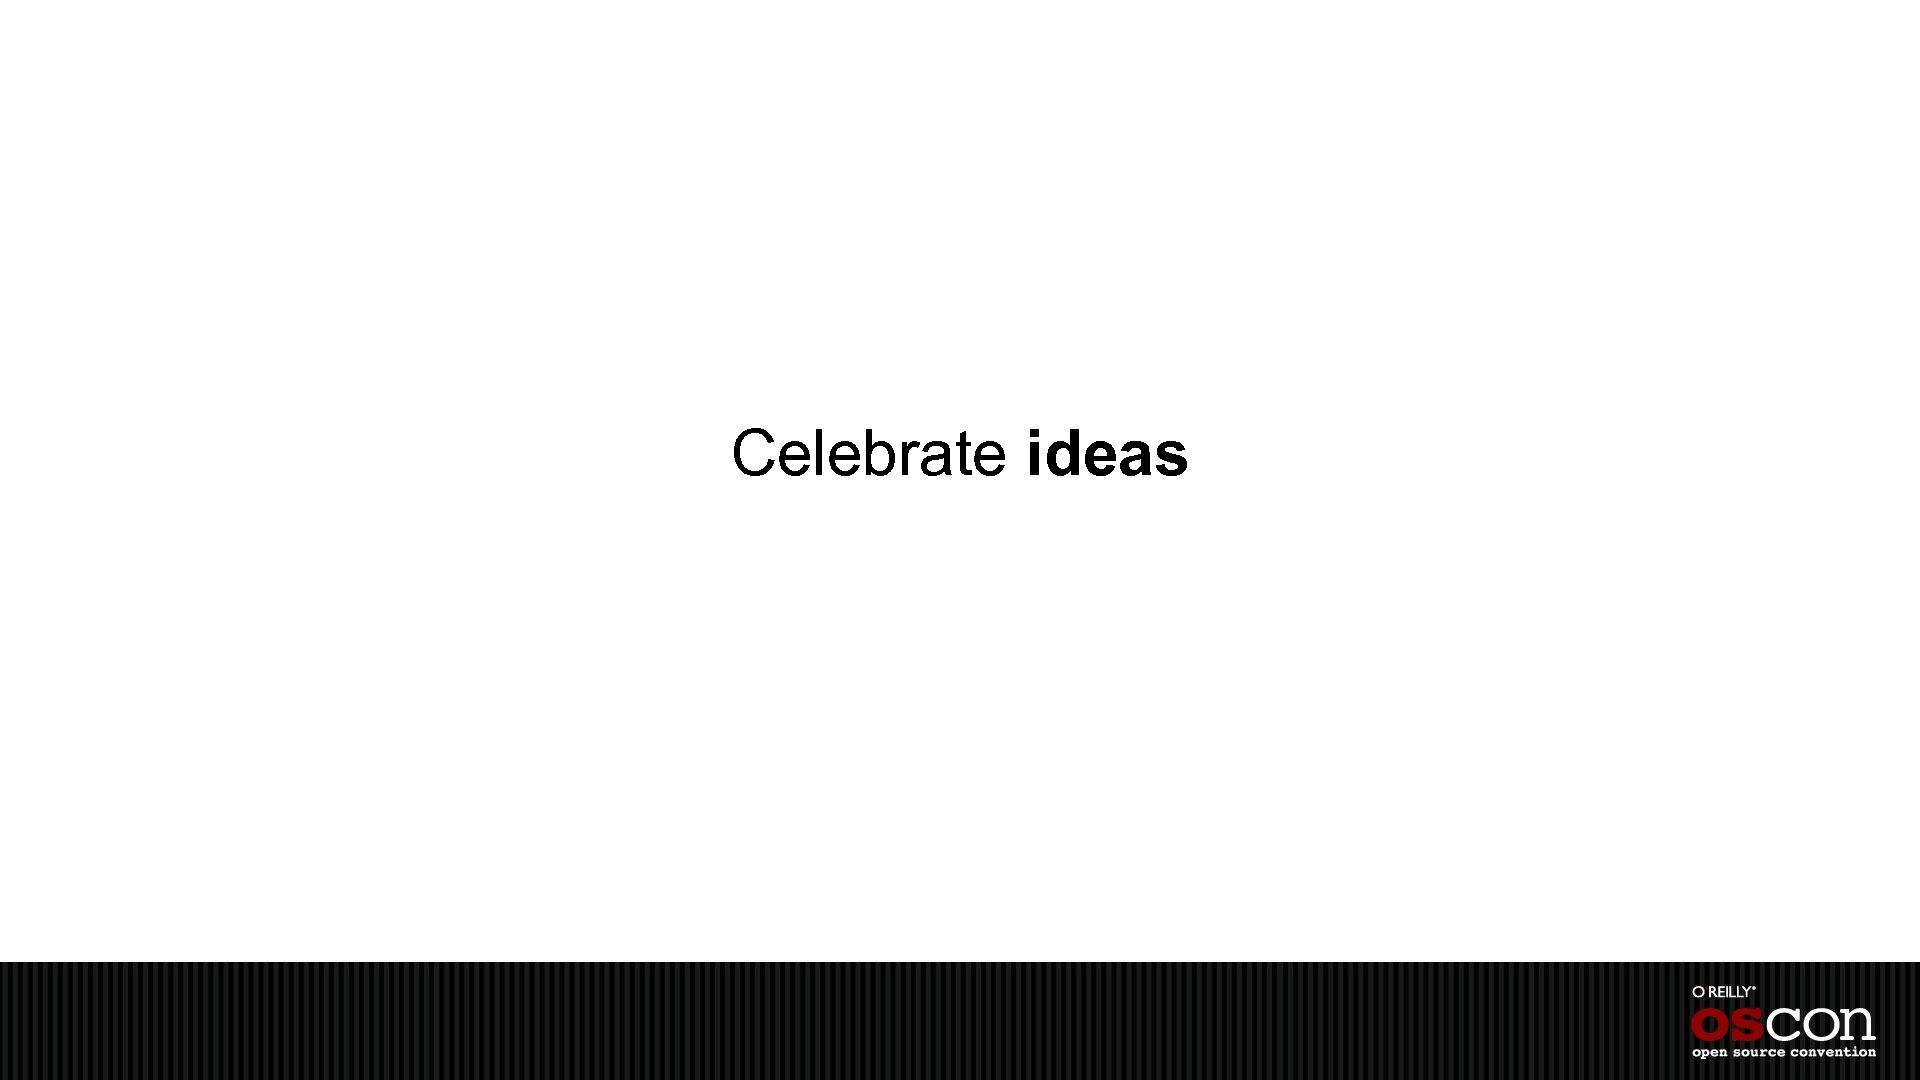 Celebrate ideas